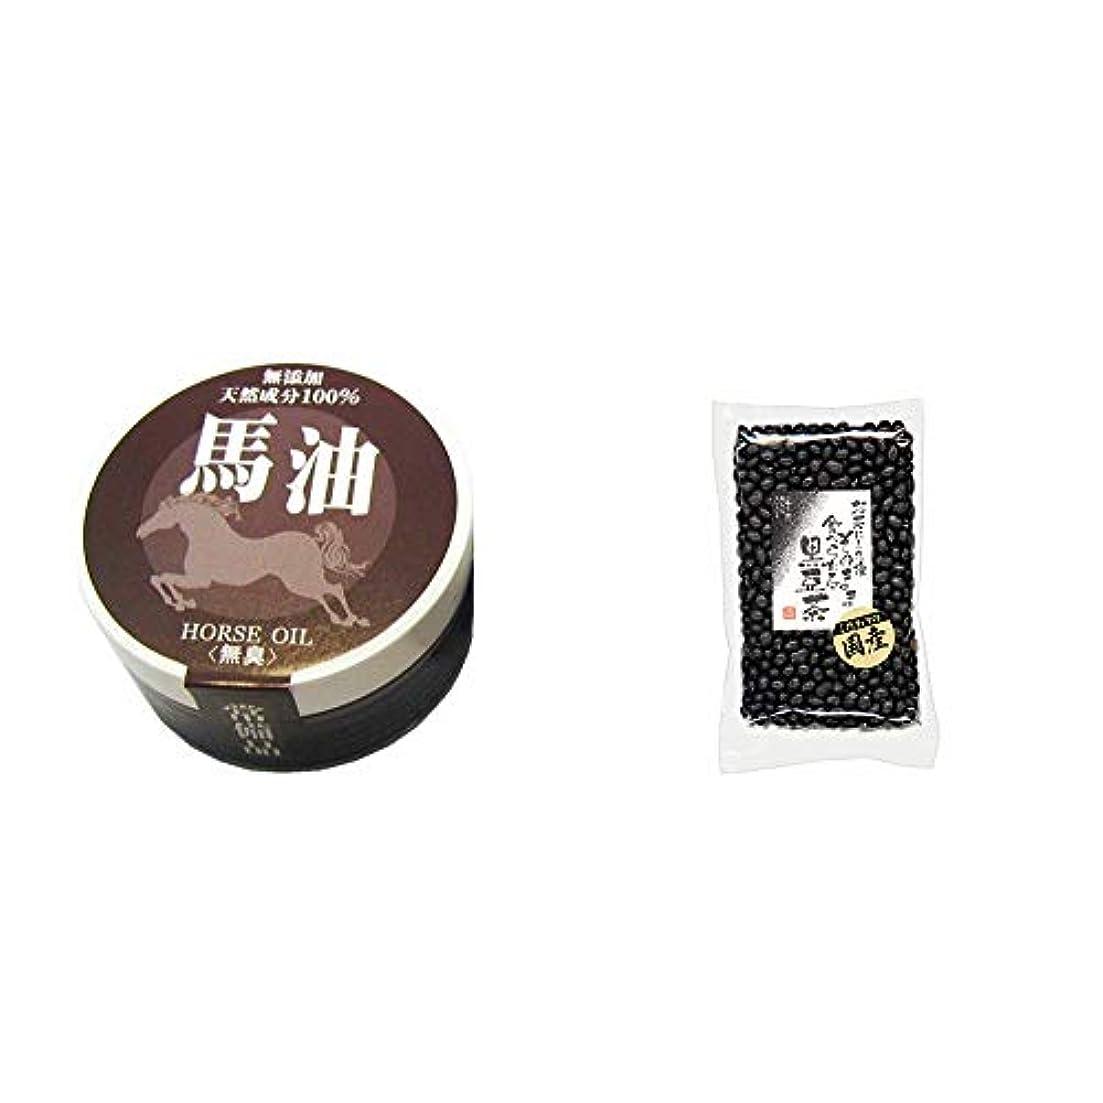 ペレット暖かく伝染病[2点セット] 無添加天然成分100% 馬油[無香料](38g)?国産 黒豆茶(200g)